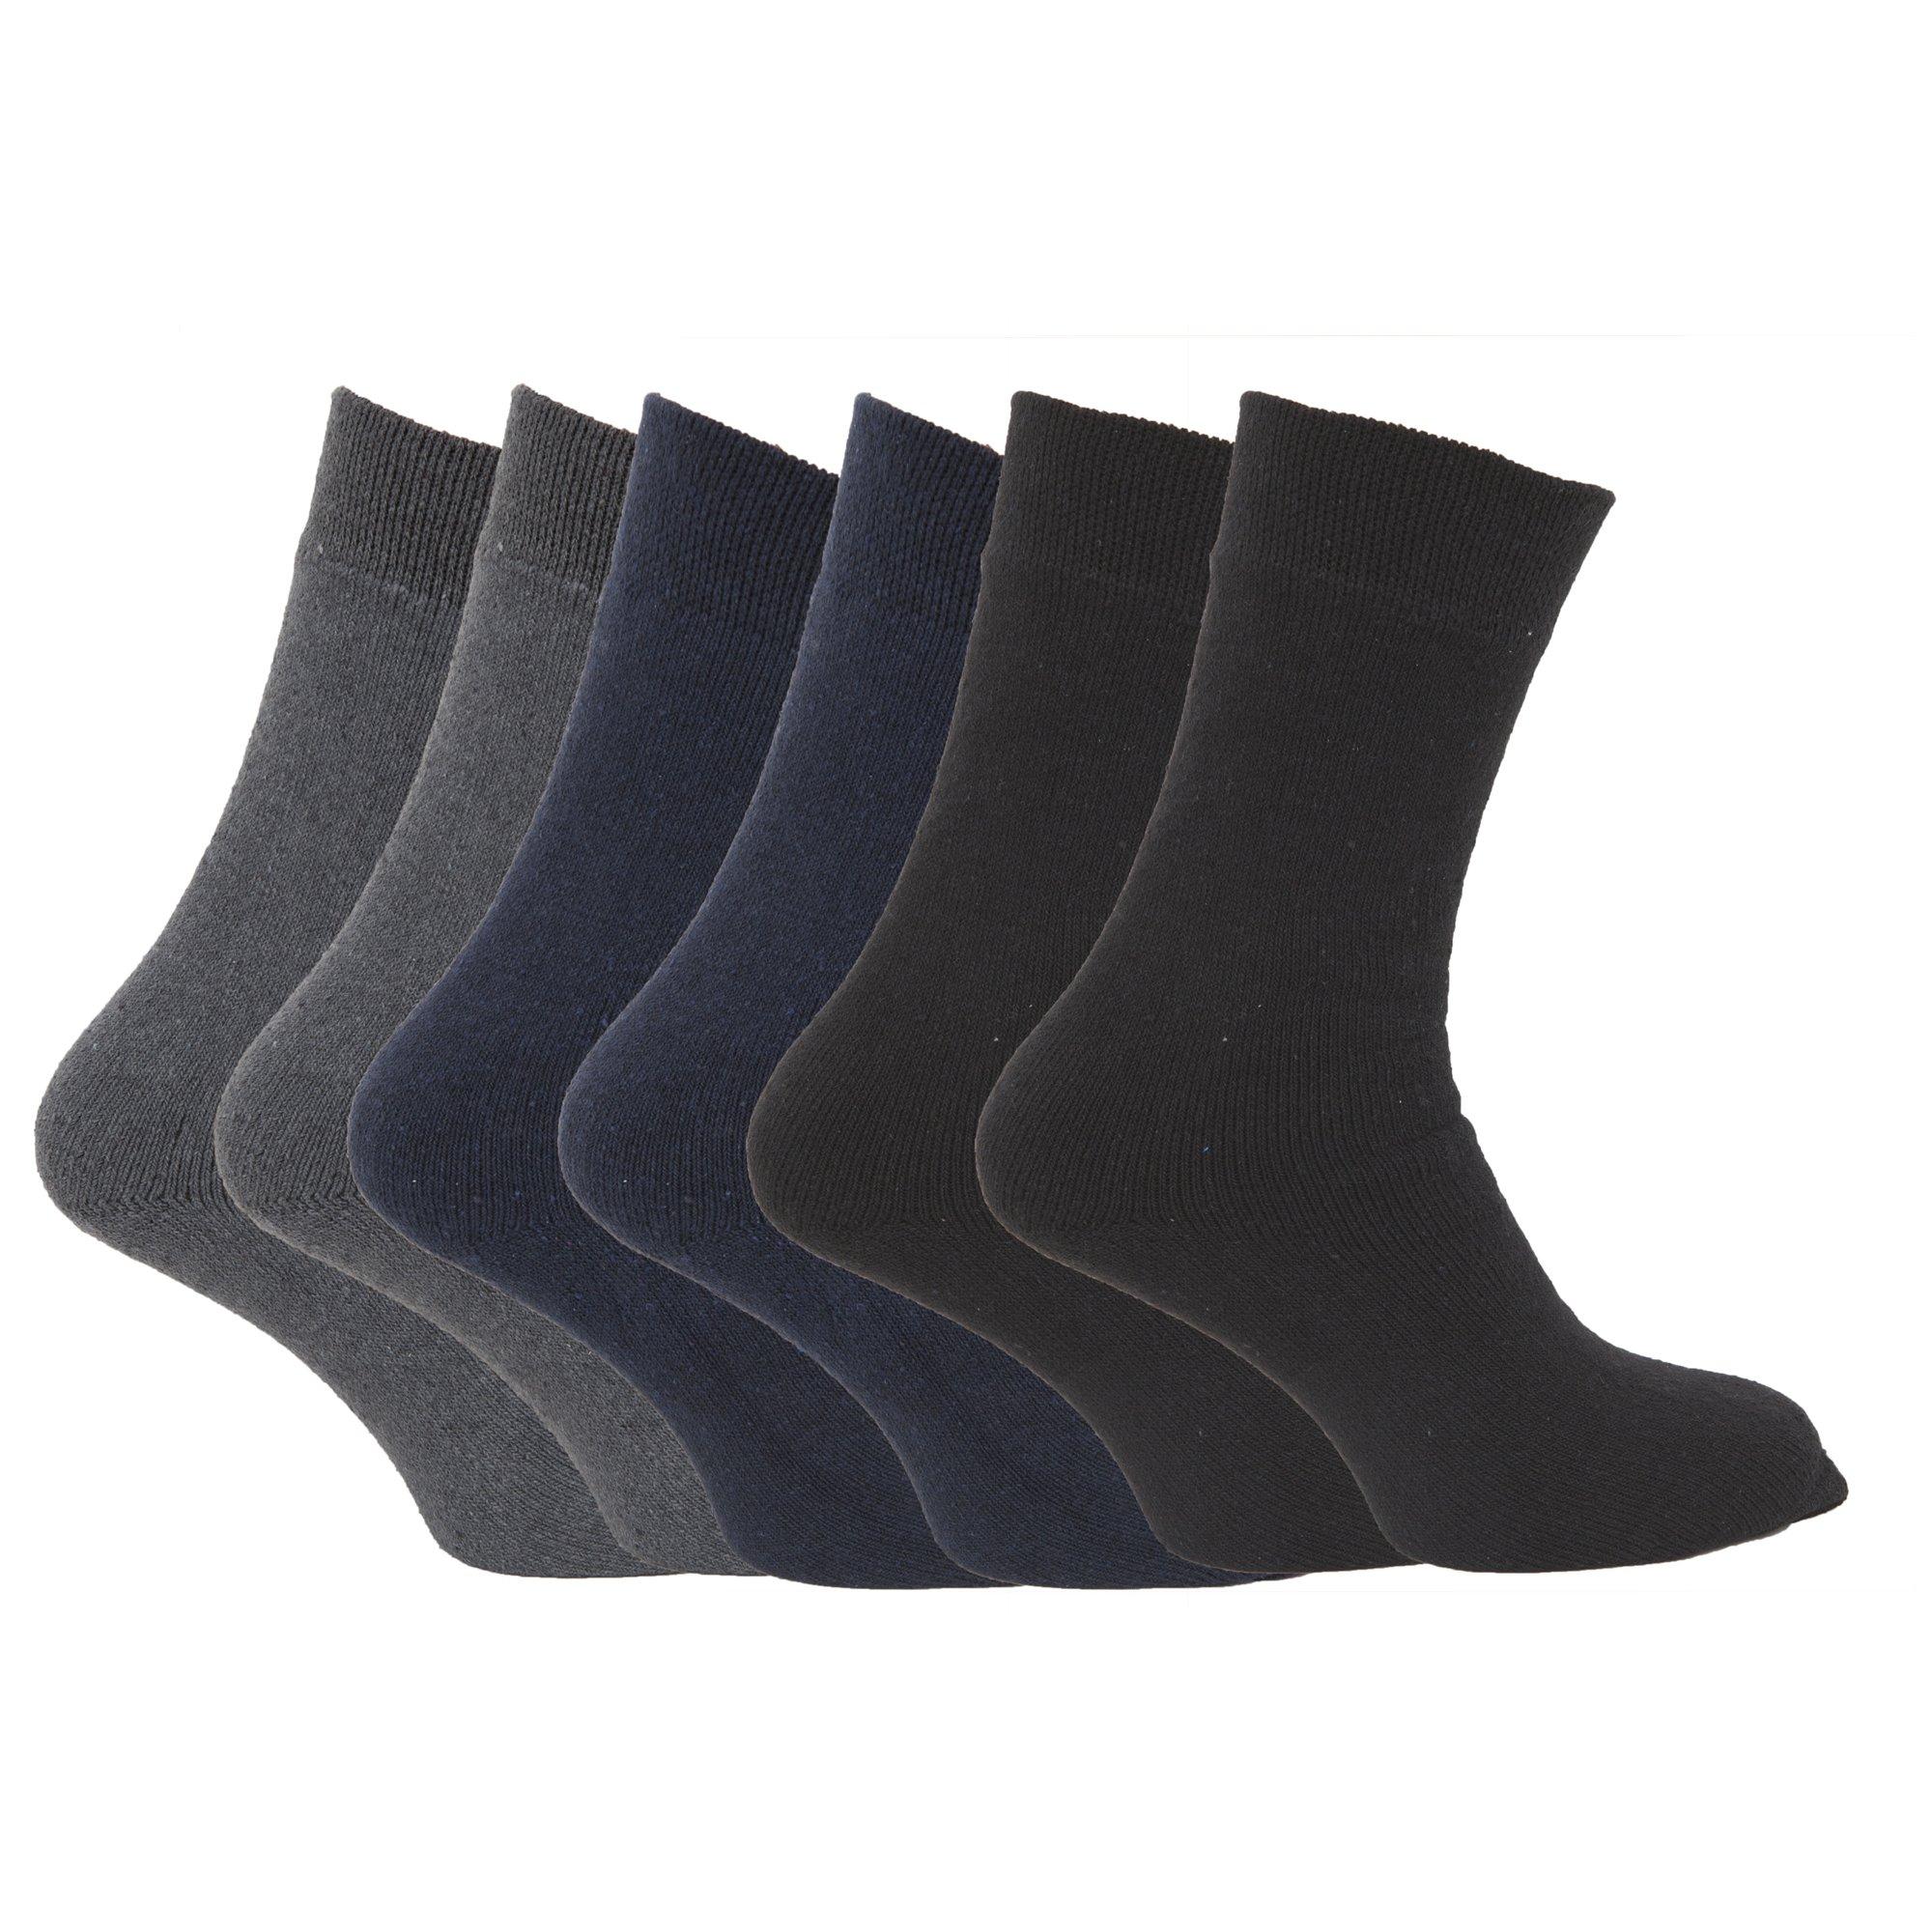 Chaussettes-thermiques-FLOSO-lot-de-6-paires-pour-homme-EUR-39-45-MB124 miniature 3